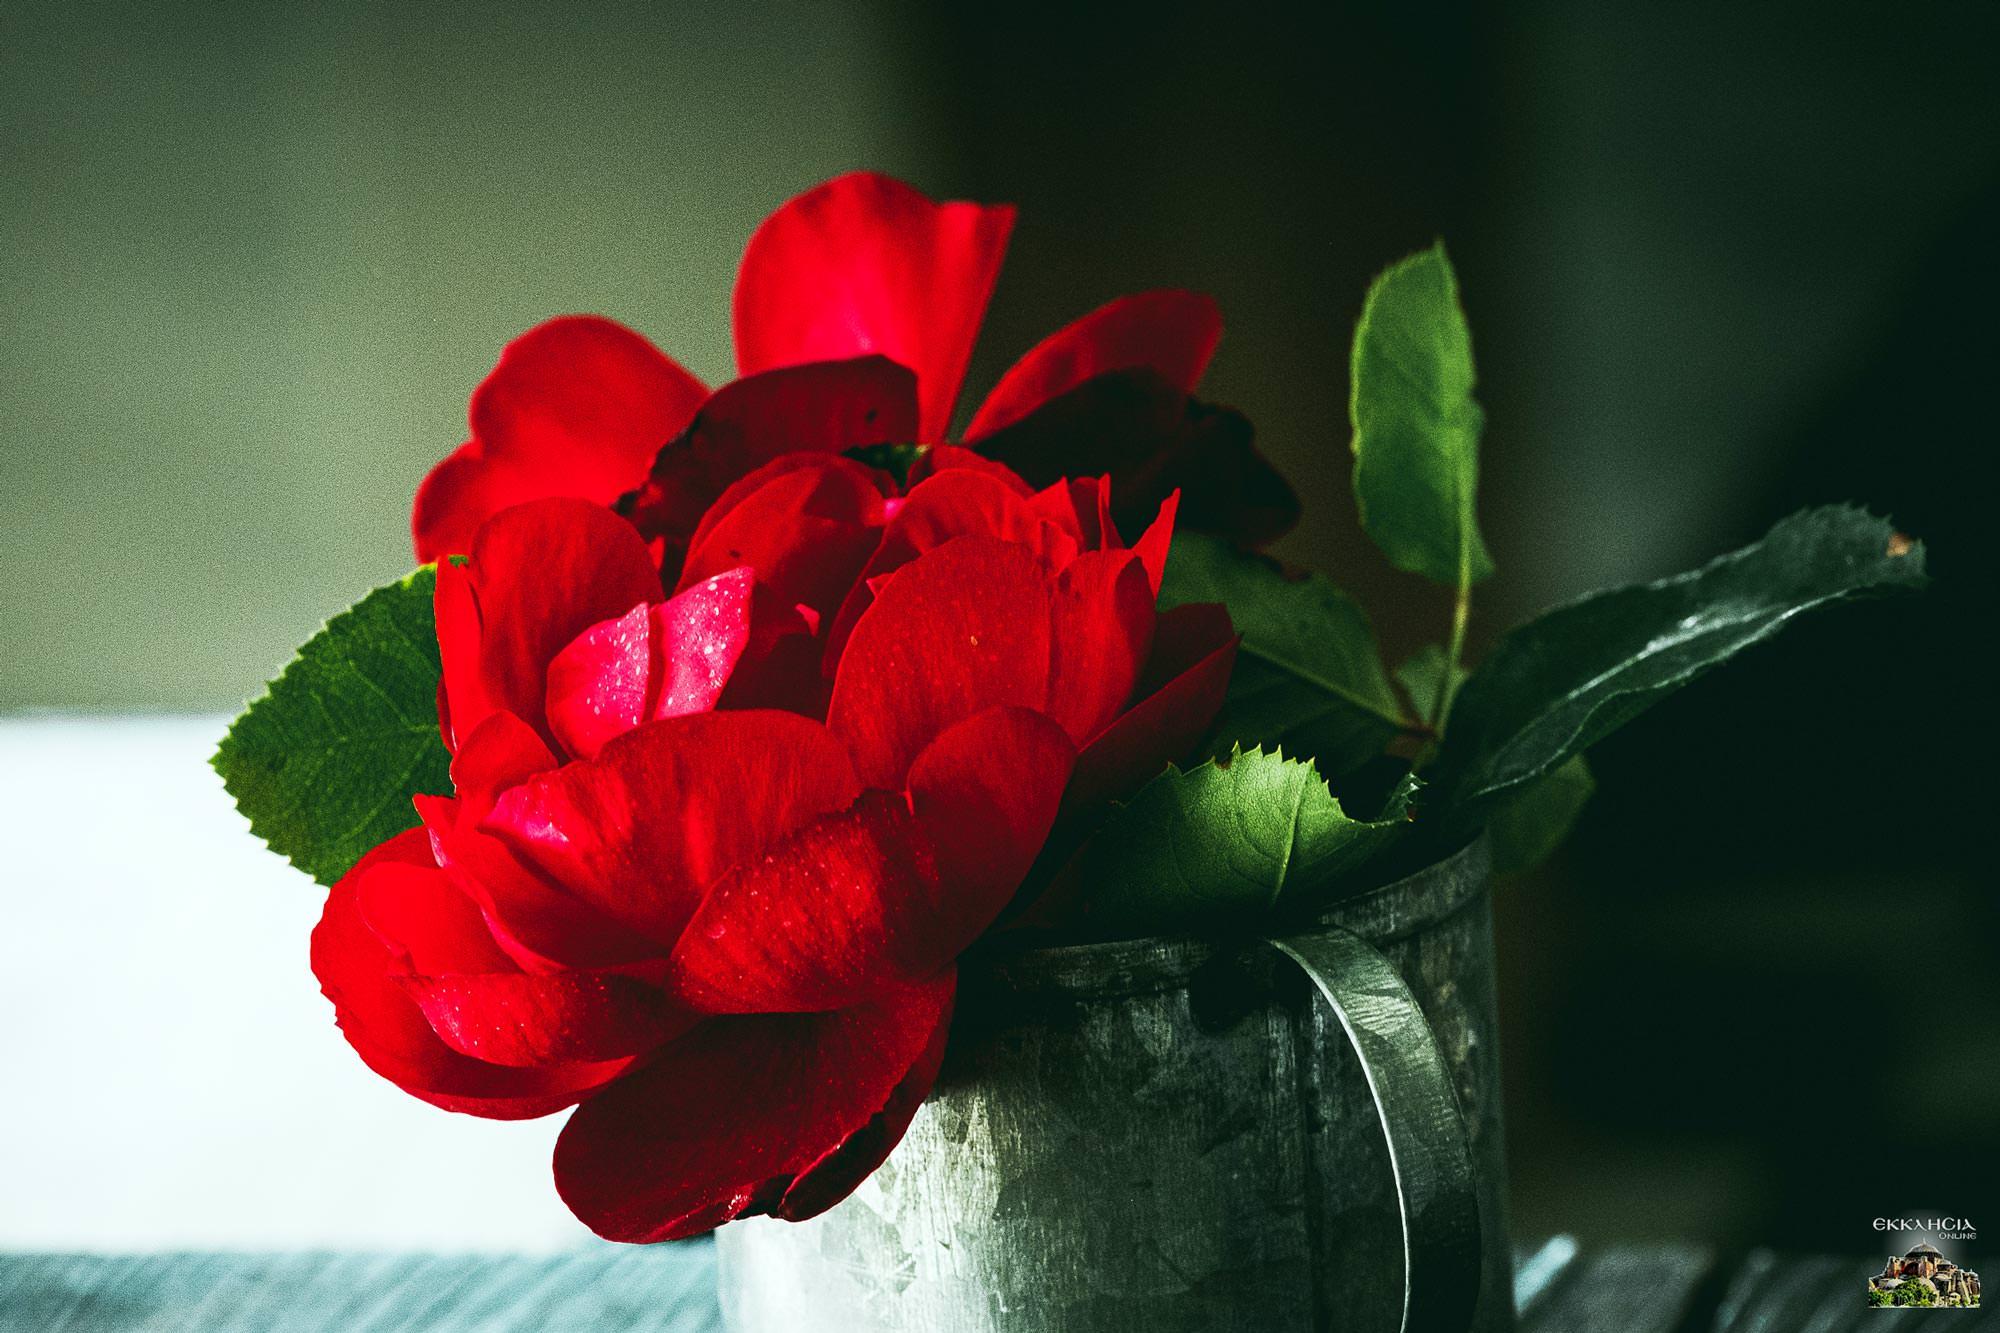 εορτολόγιο λουλουδια